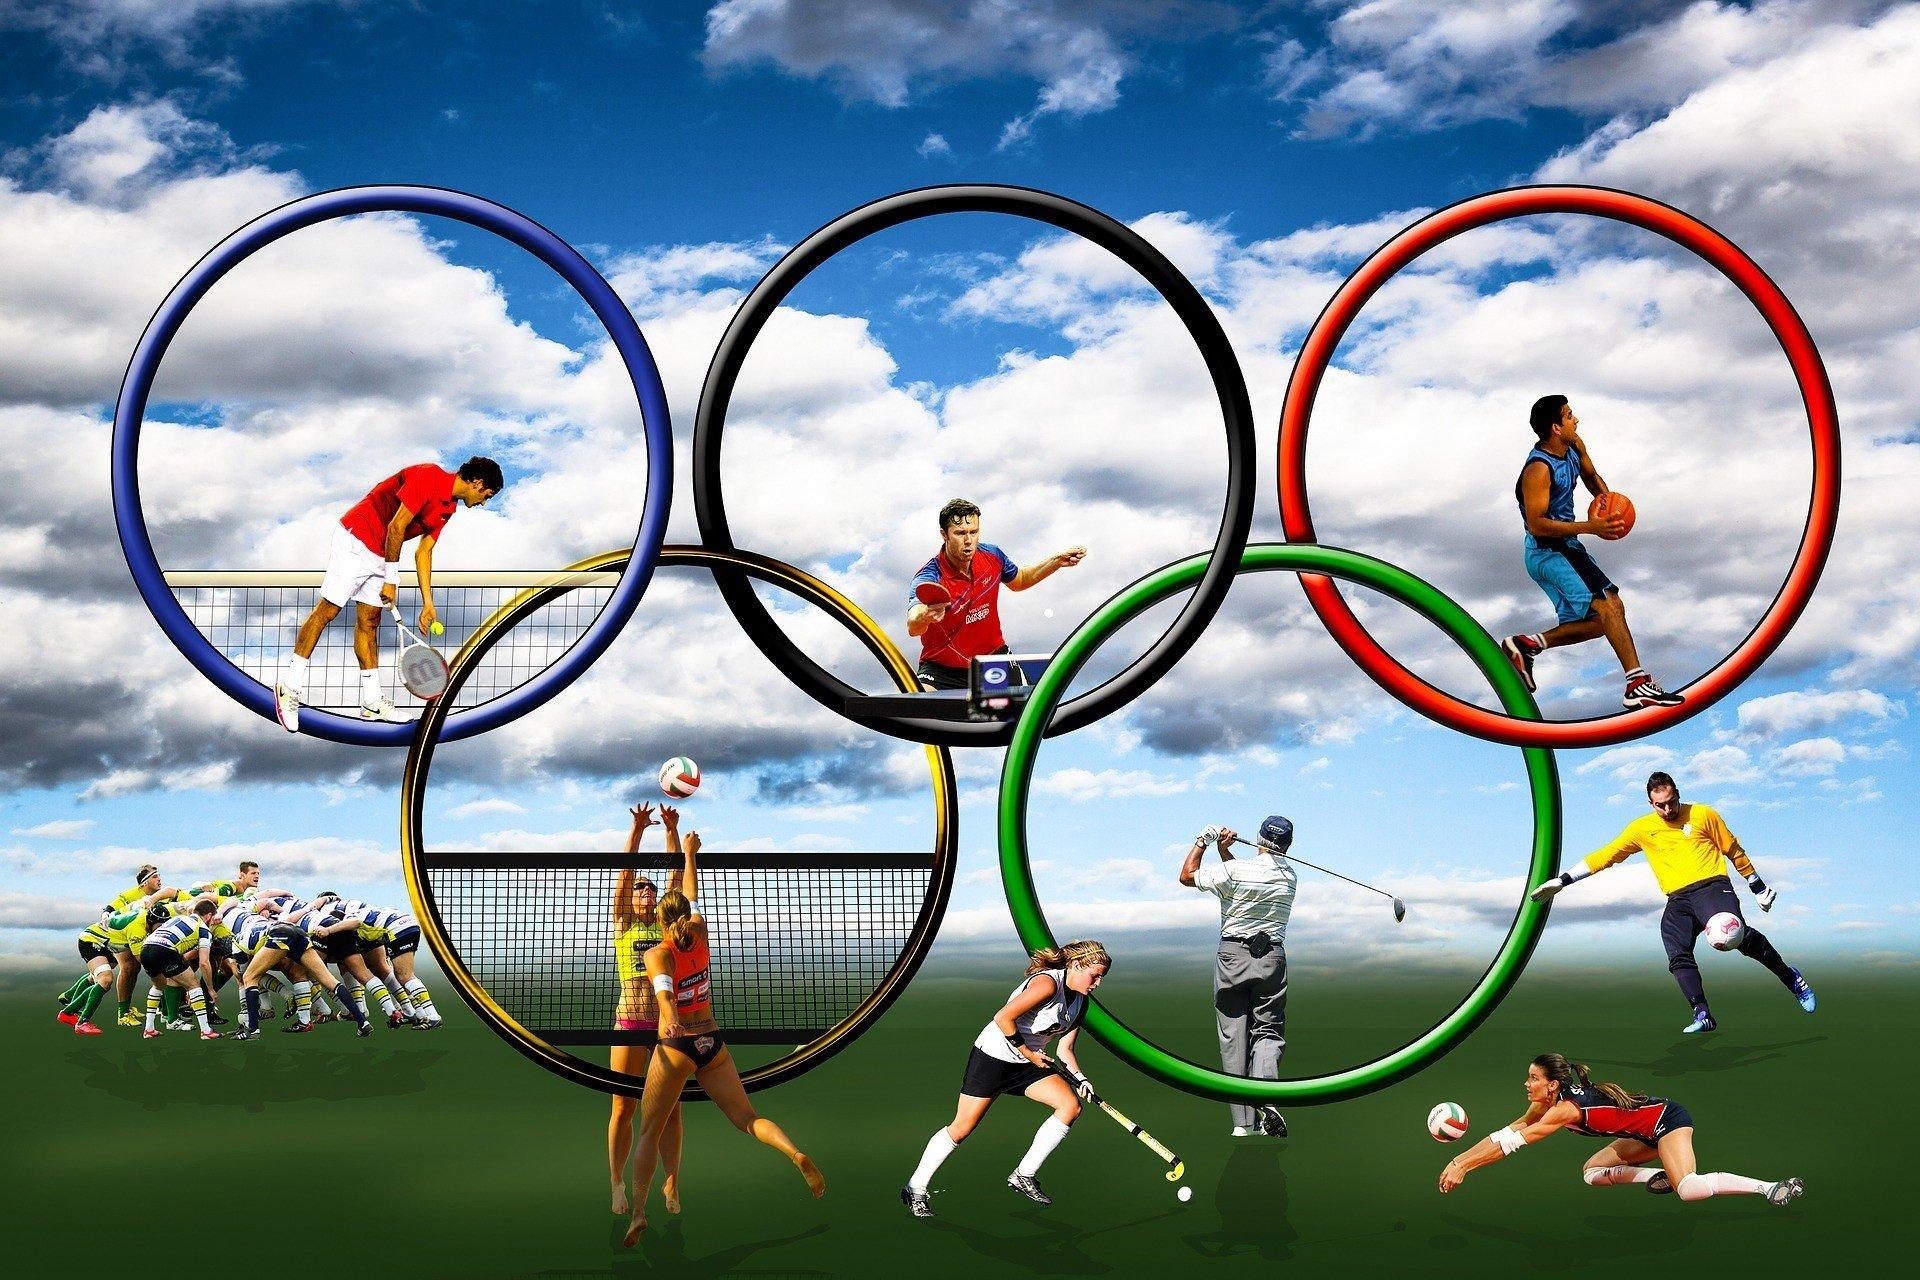 Вадим Гутцайт розповів, коли в Україні можуть пройти Олімпійські ігри